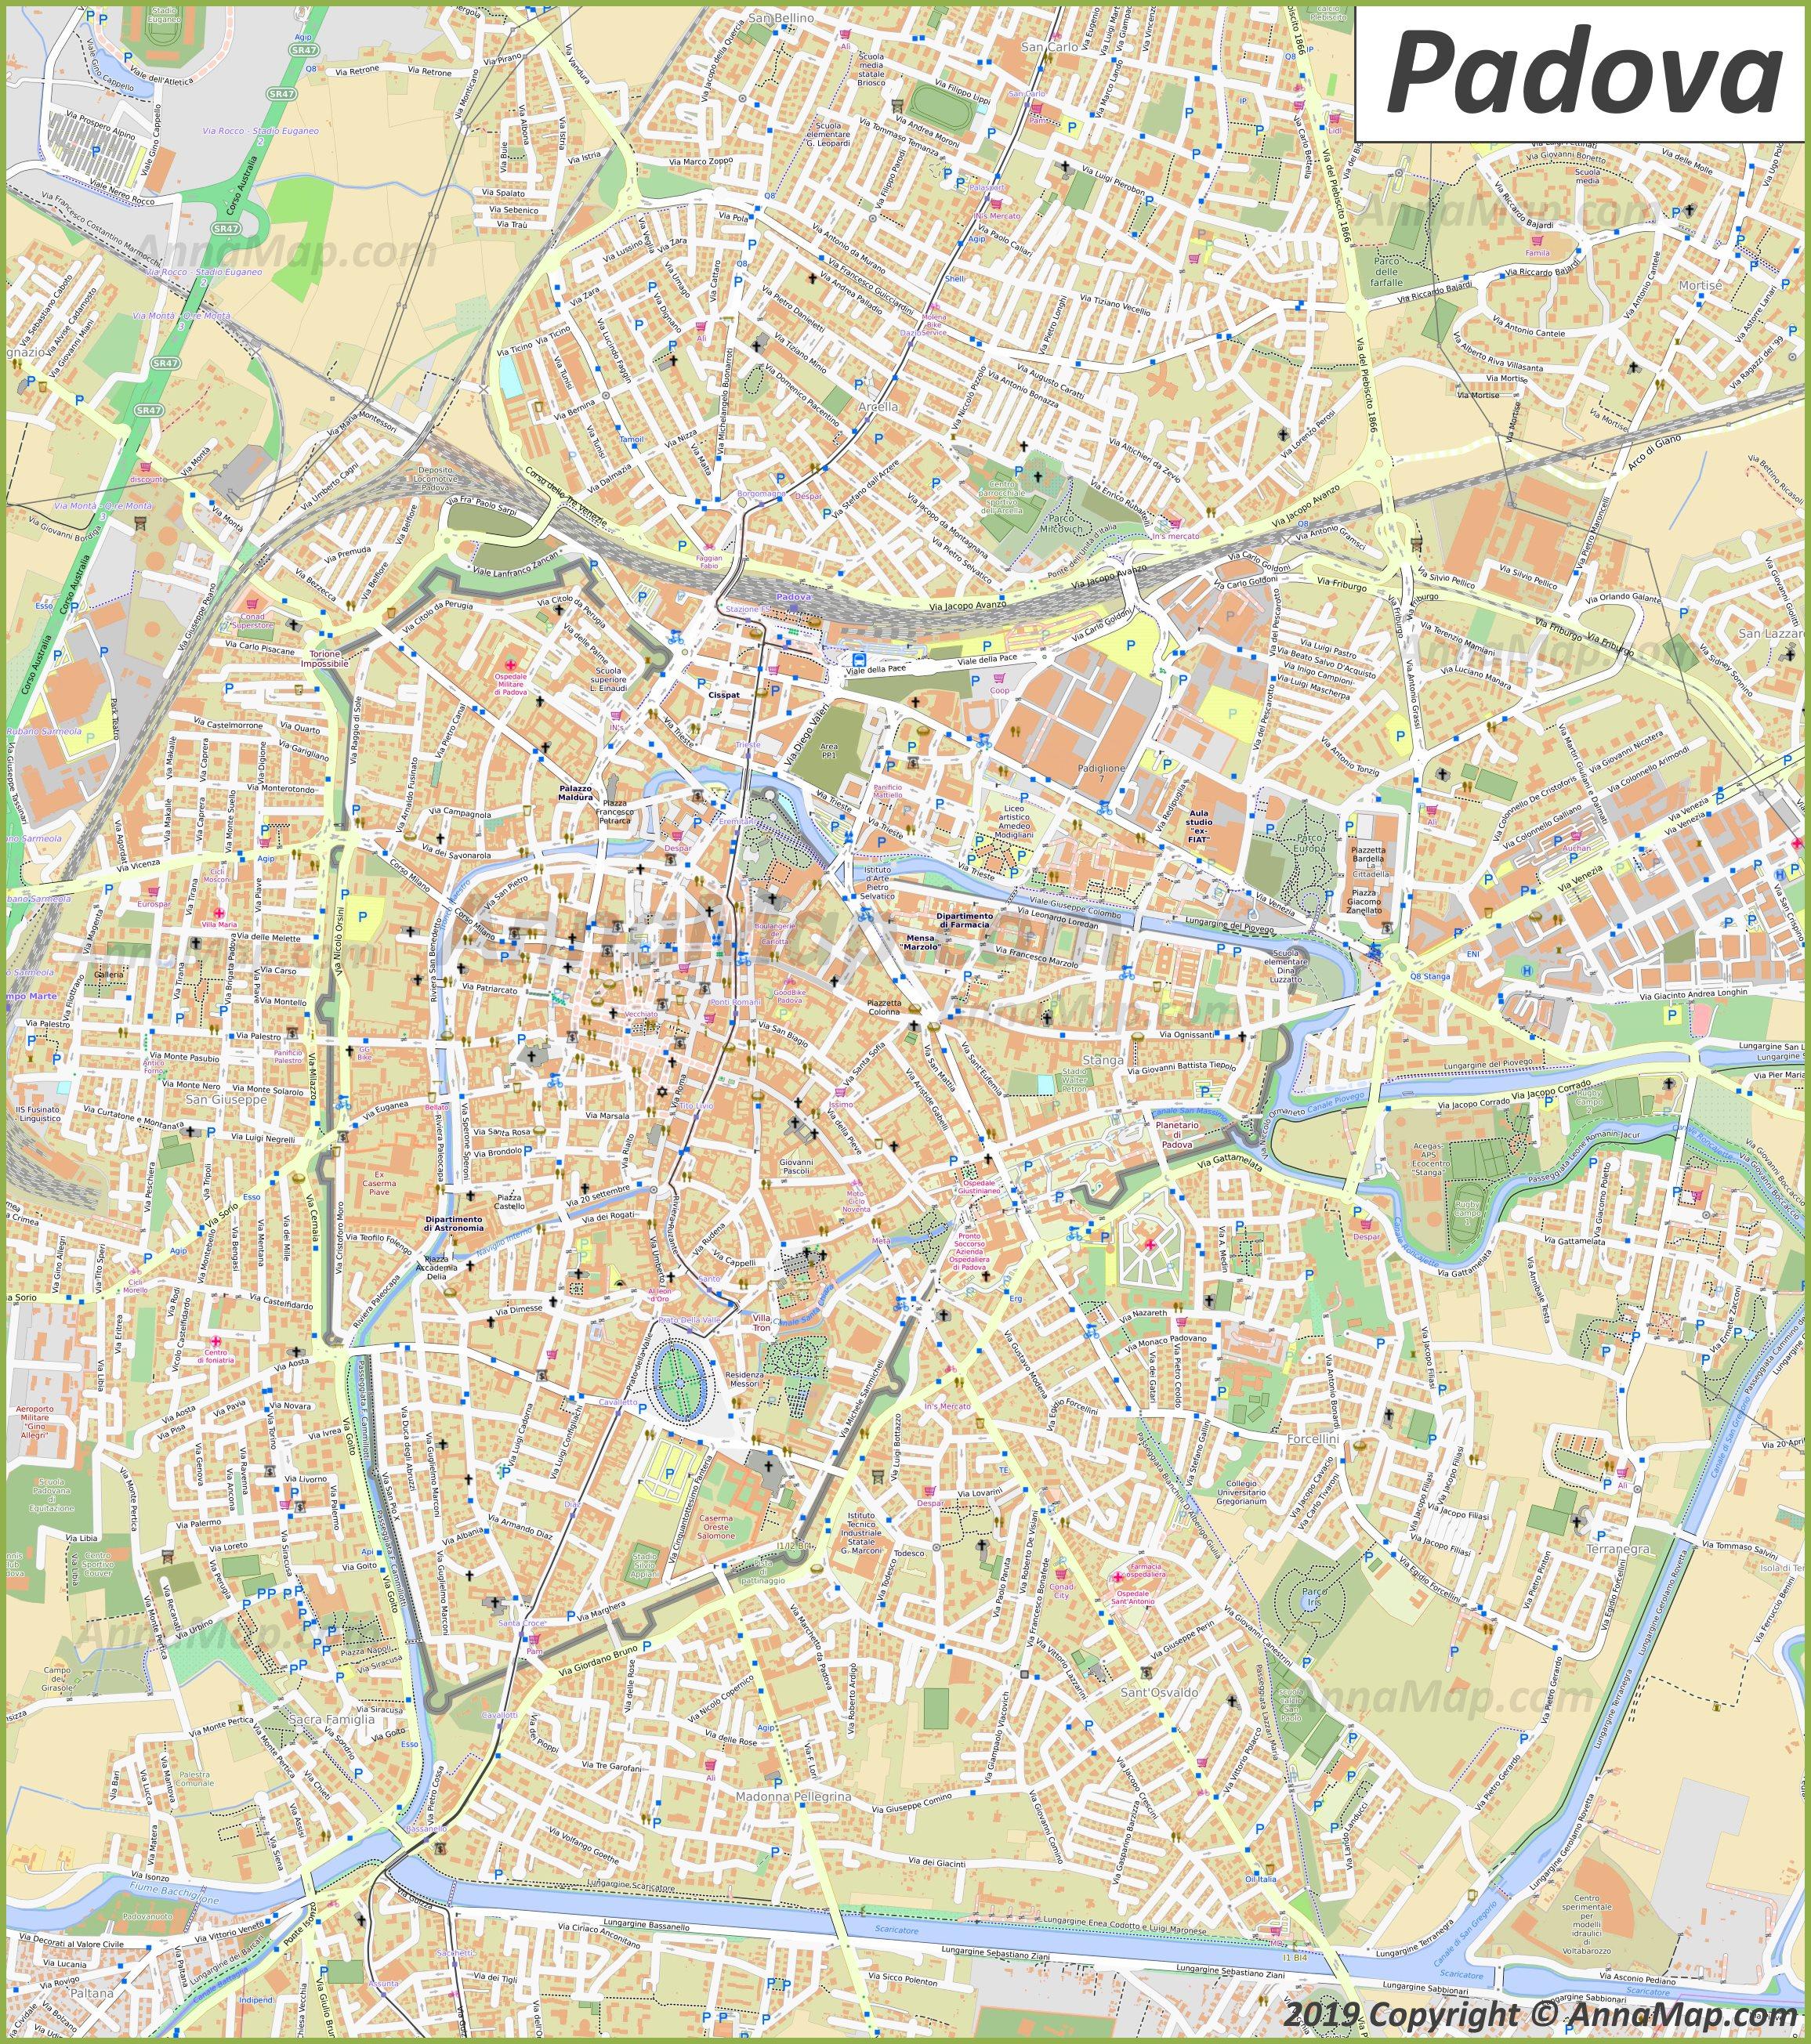 Detailed Tourist Maps Of Padova Italy Free Printable